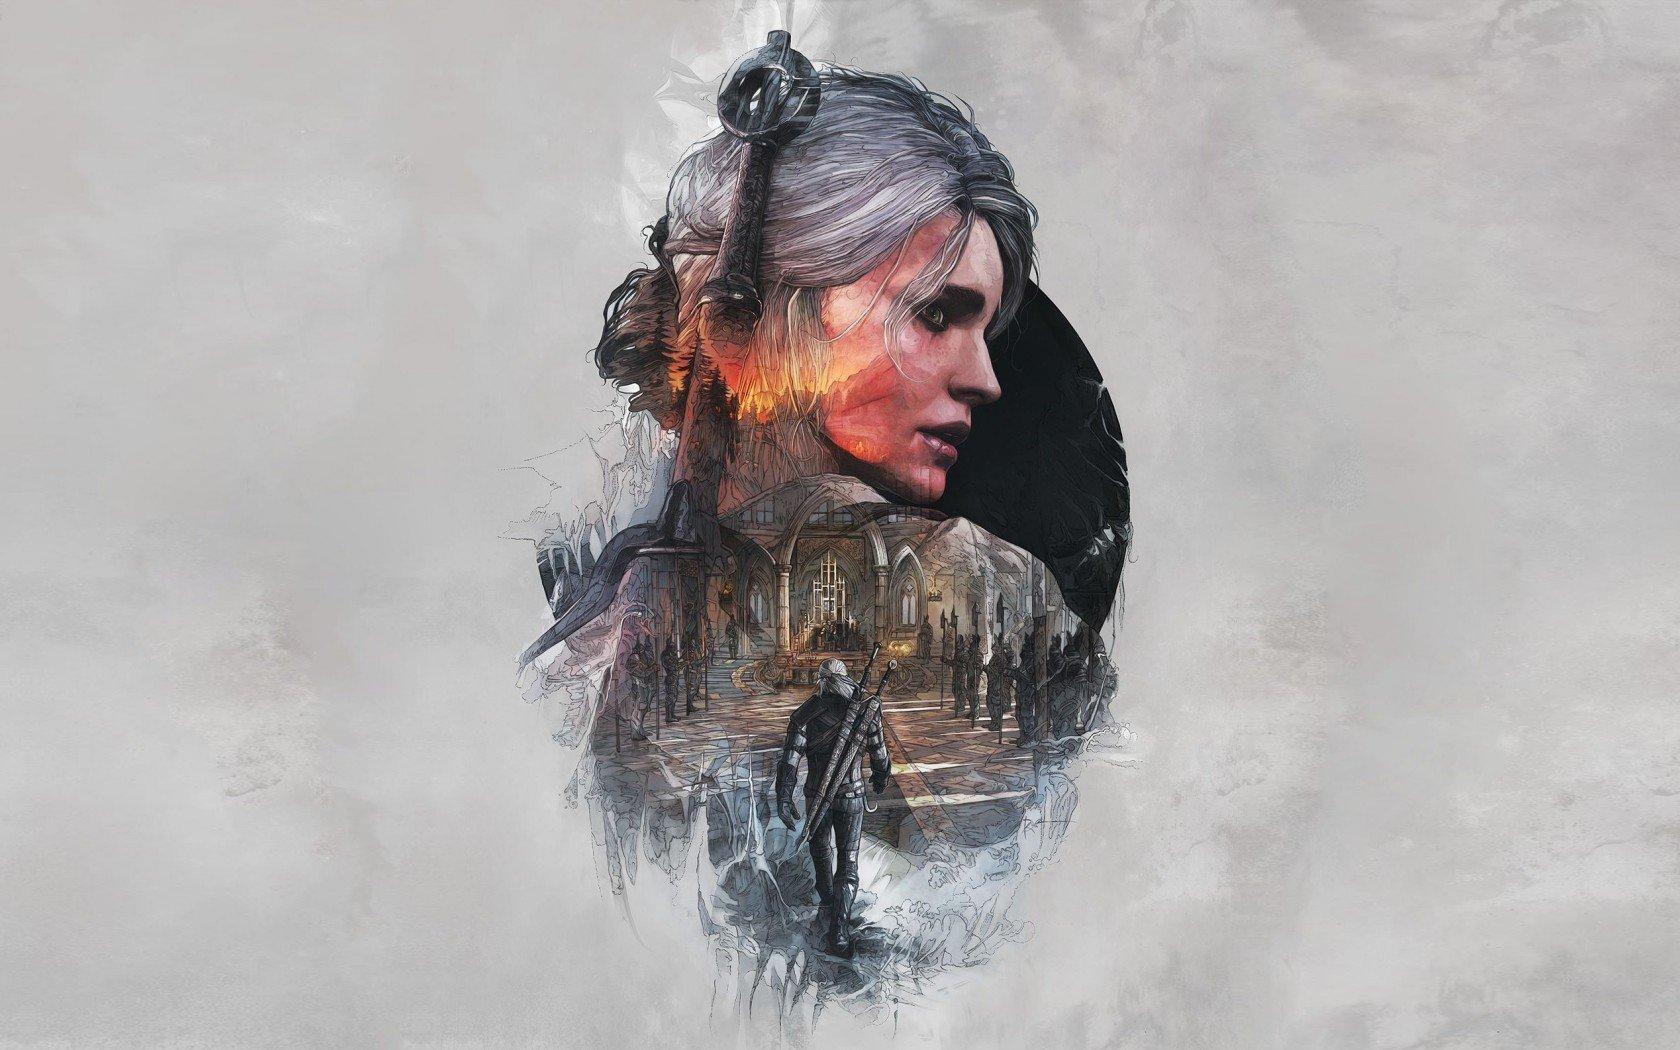 The Witcher 3: Wild Hunt. Все самое интересное за прошедшее время.   Новые факты о игре.   • Появилось огромное коли ... - Изображение 7